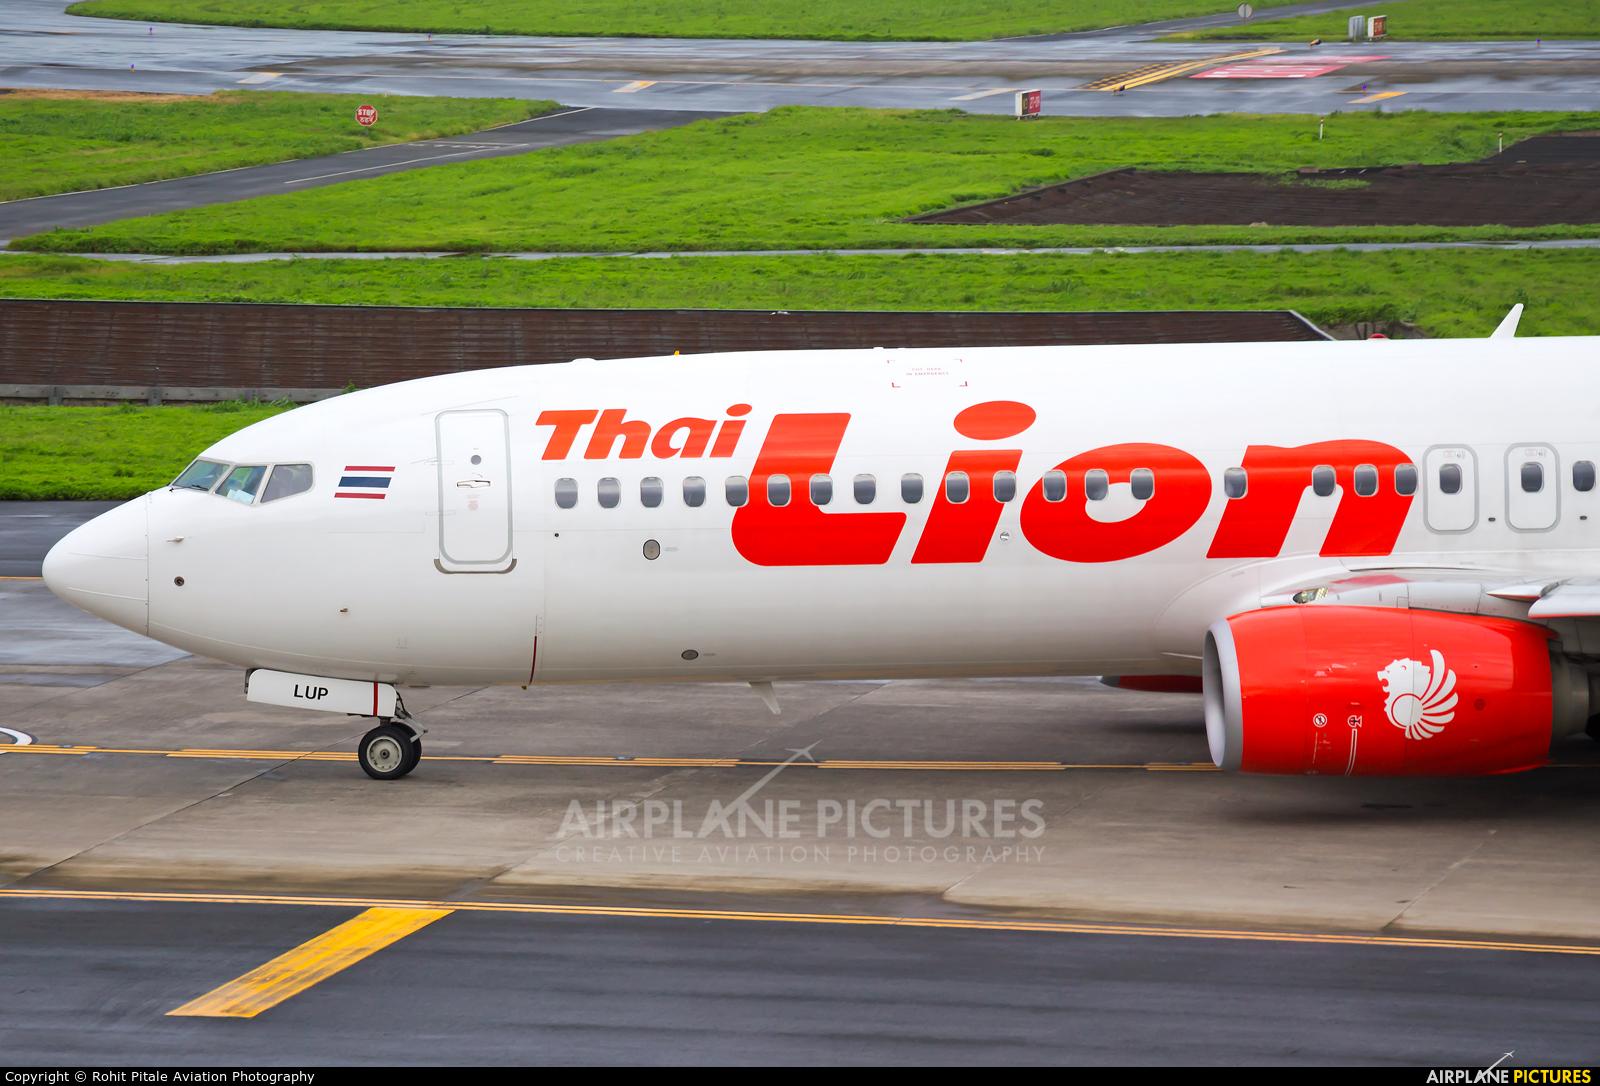 Thai Lion Air HS-LUP aircraft at Mumbai - Chhatrapati Shivaji Intl